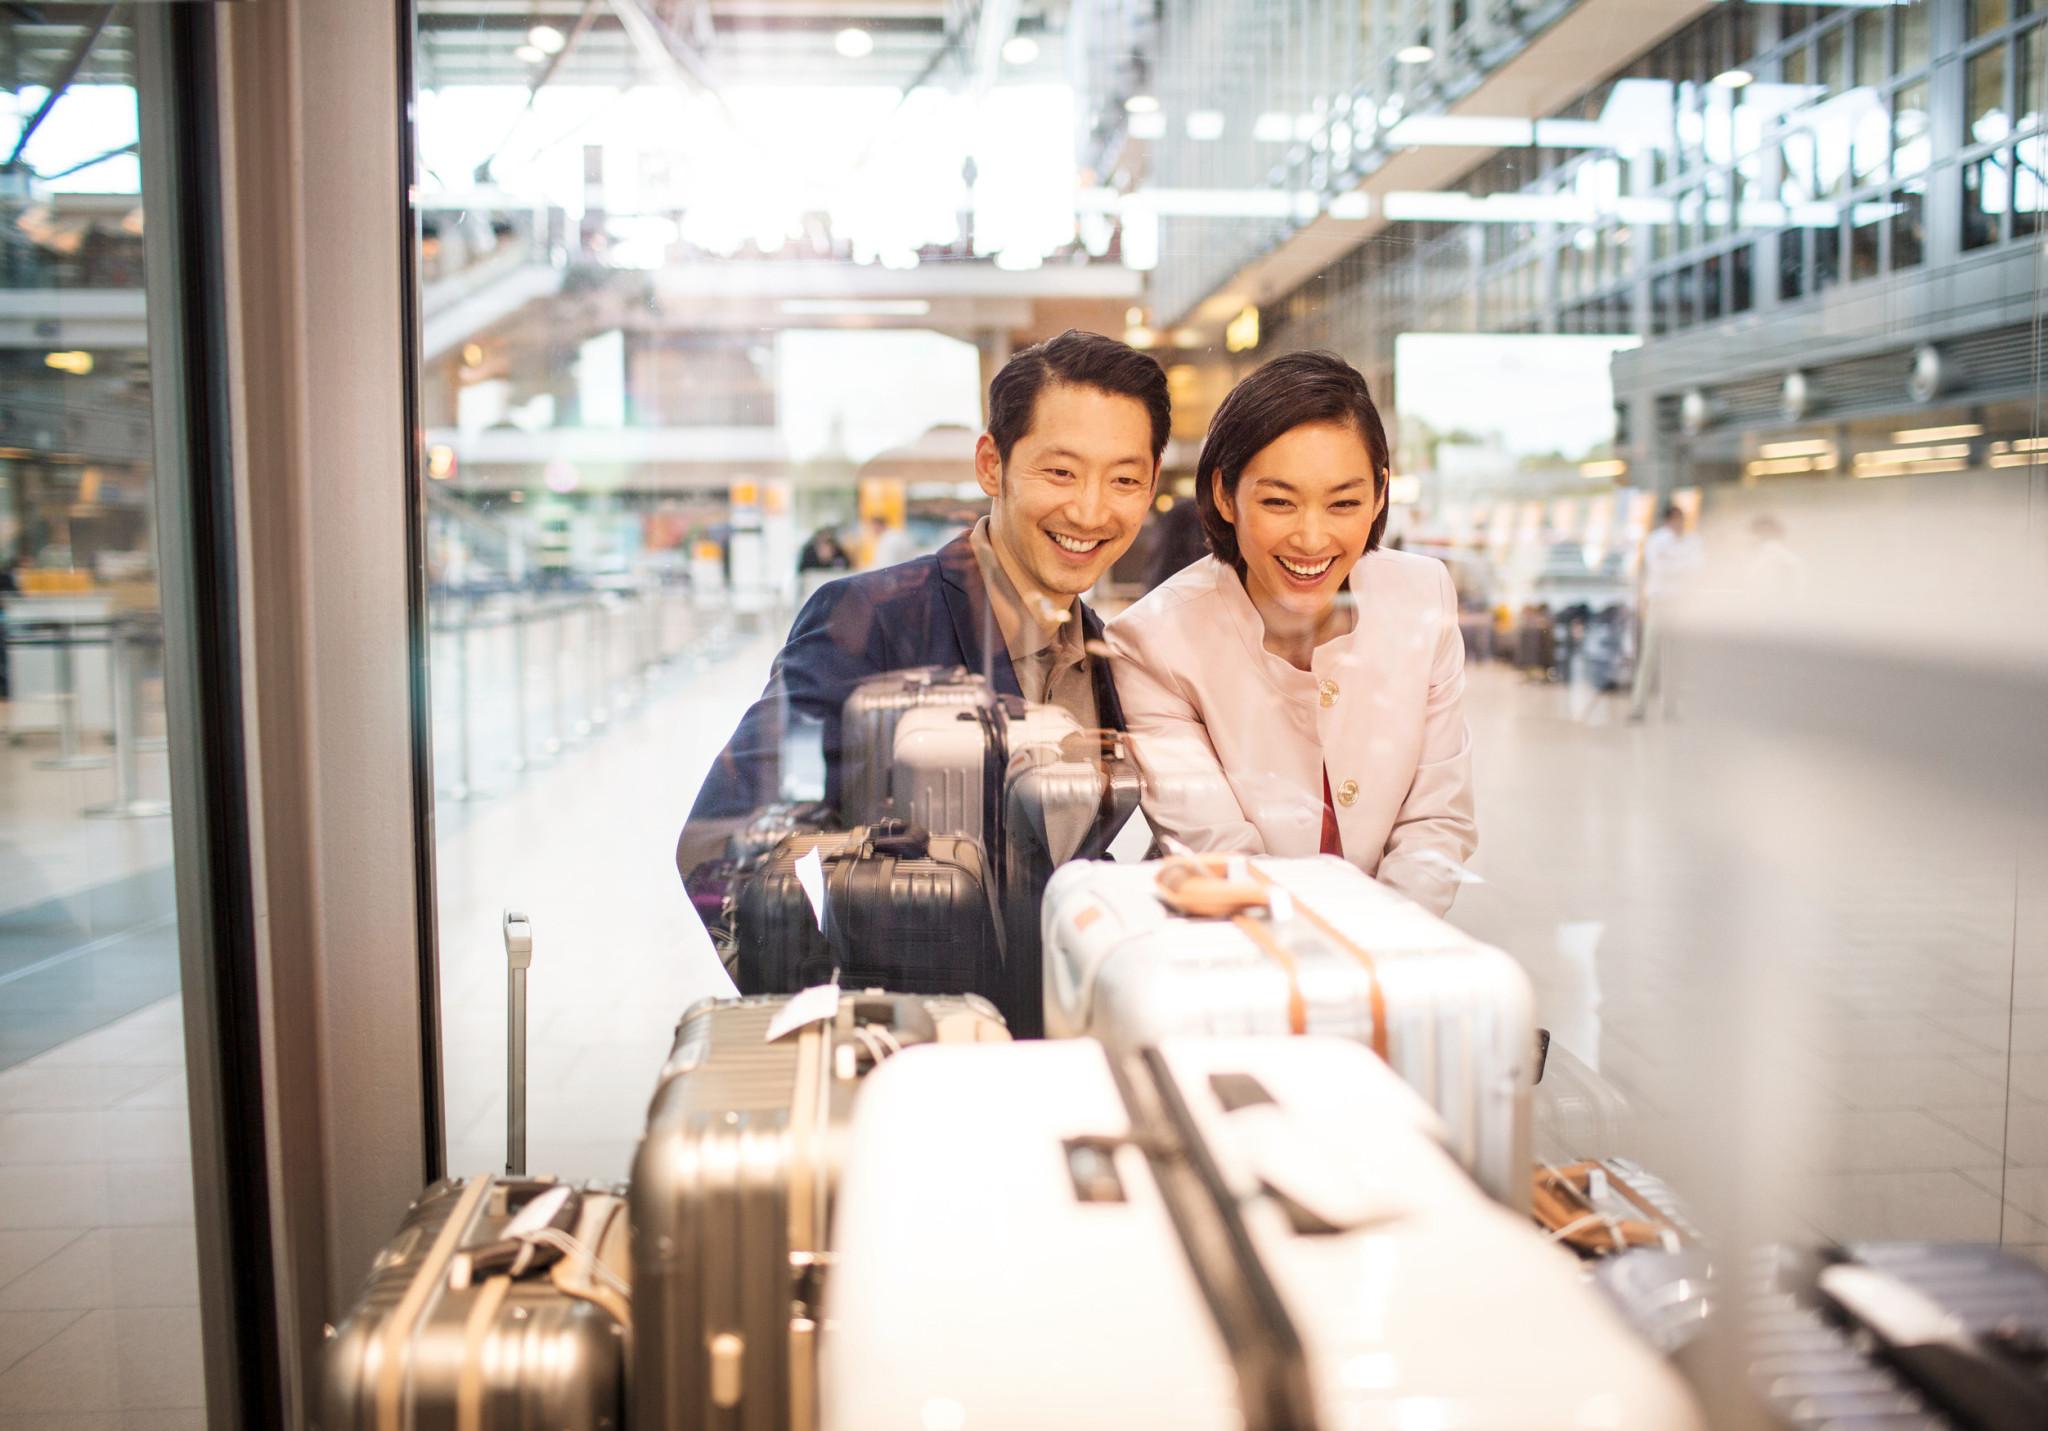 Miles & More Teilnehmer bekommen ihre Wunschprämie aus dem Bereich Shopping & Lifestyle bequem nach Hause geliefert